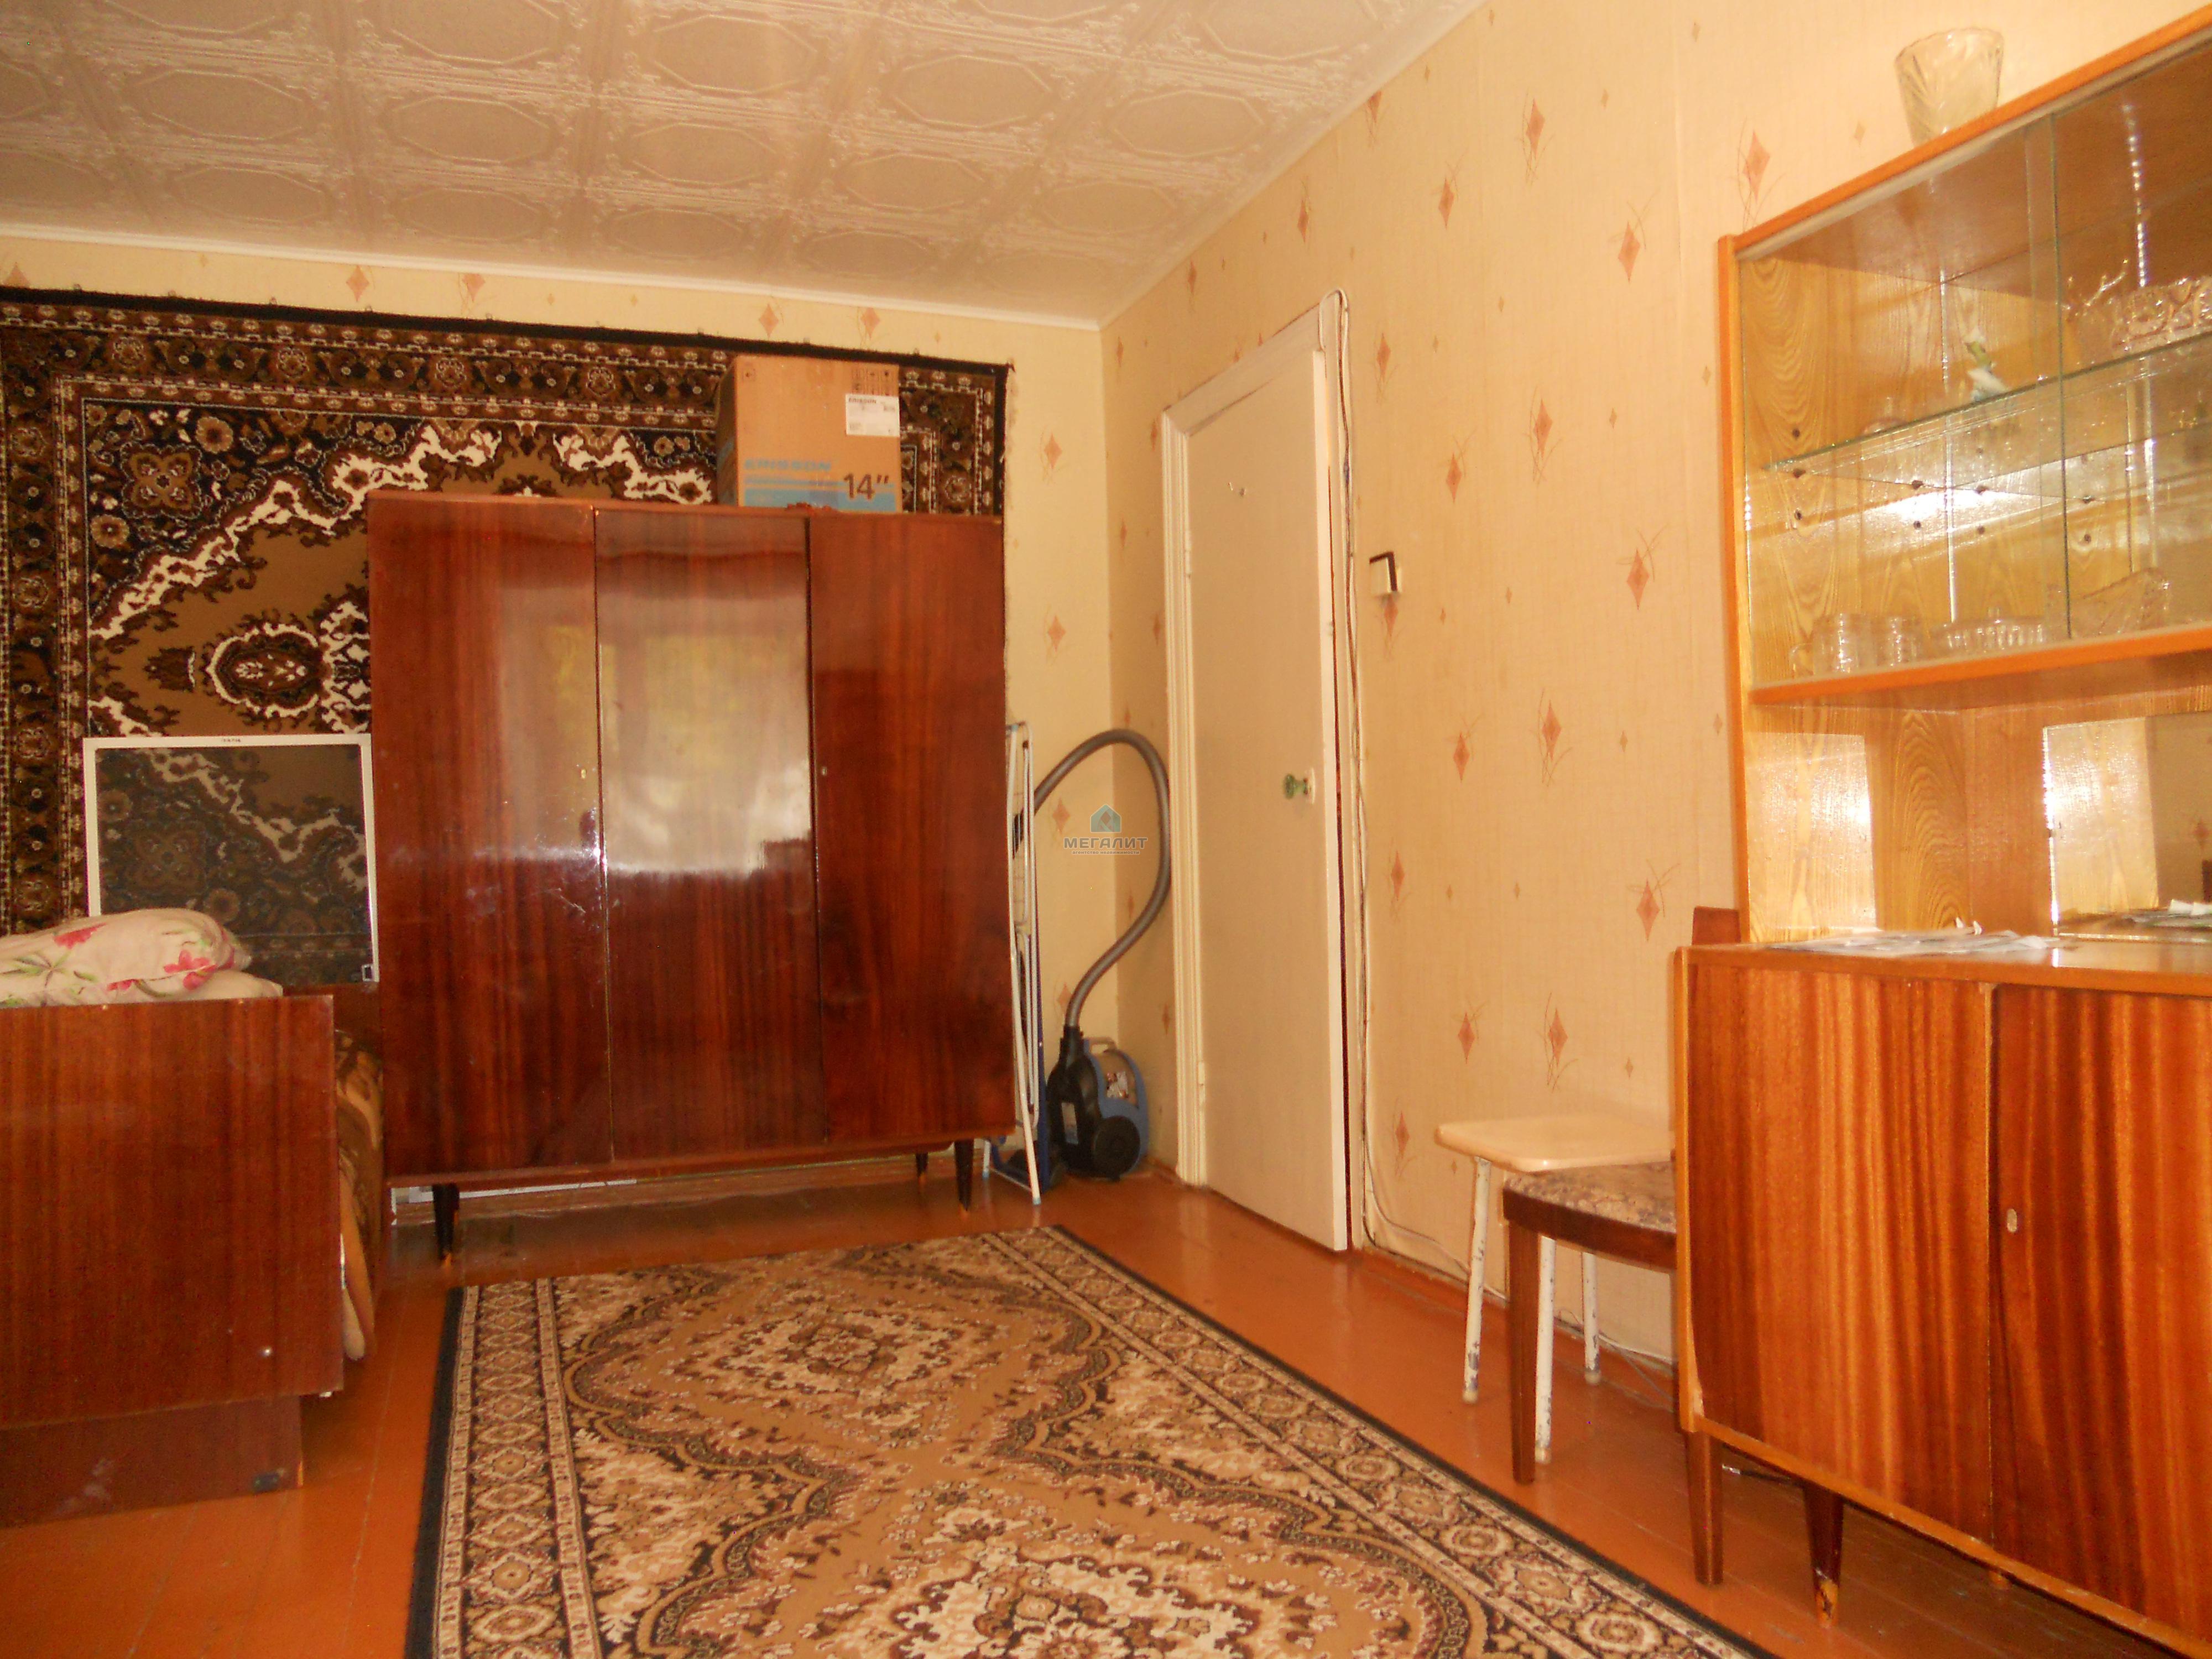 Аренда 1-к квартиры Айдарова 8а, 33 м²  (миниатюра №8)